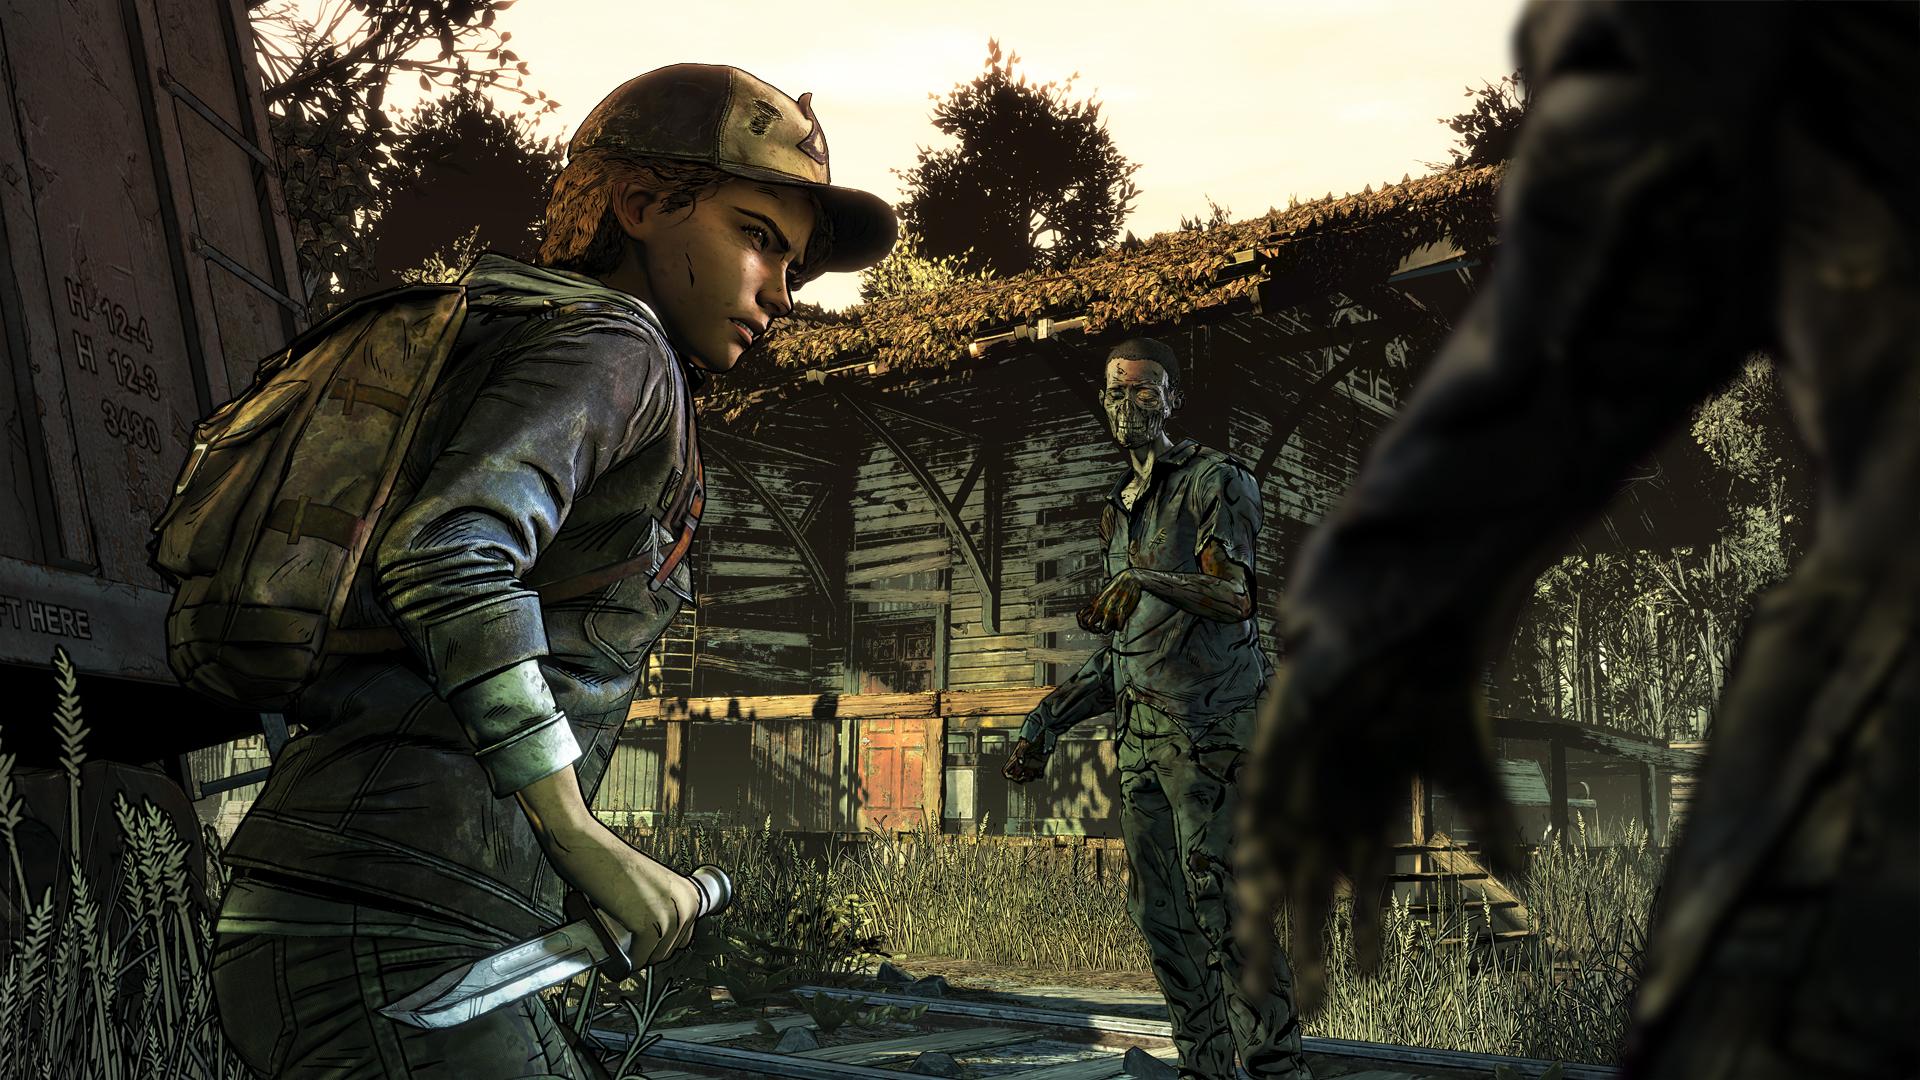 Telltale pulls The Walking Dead's final season from sale